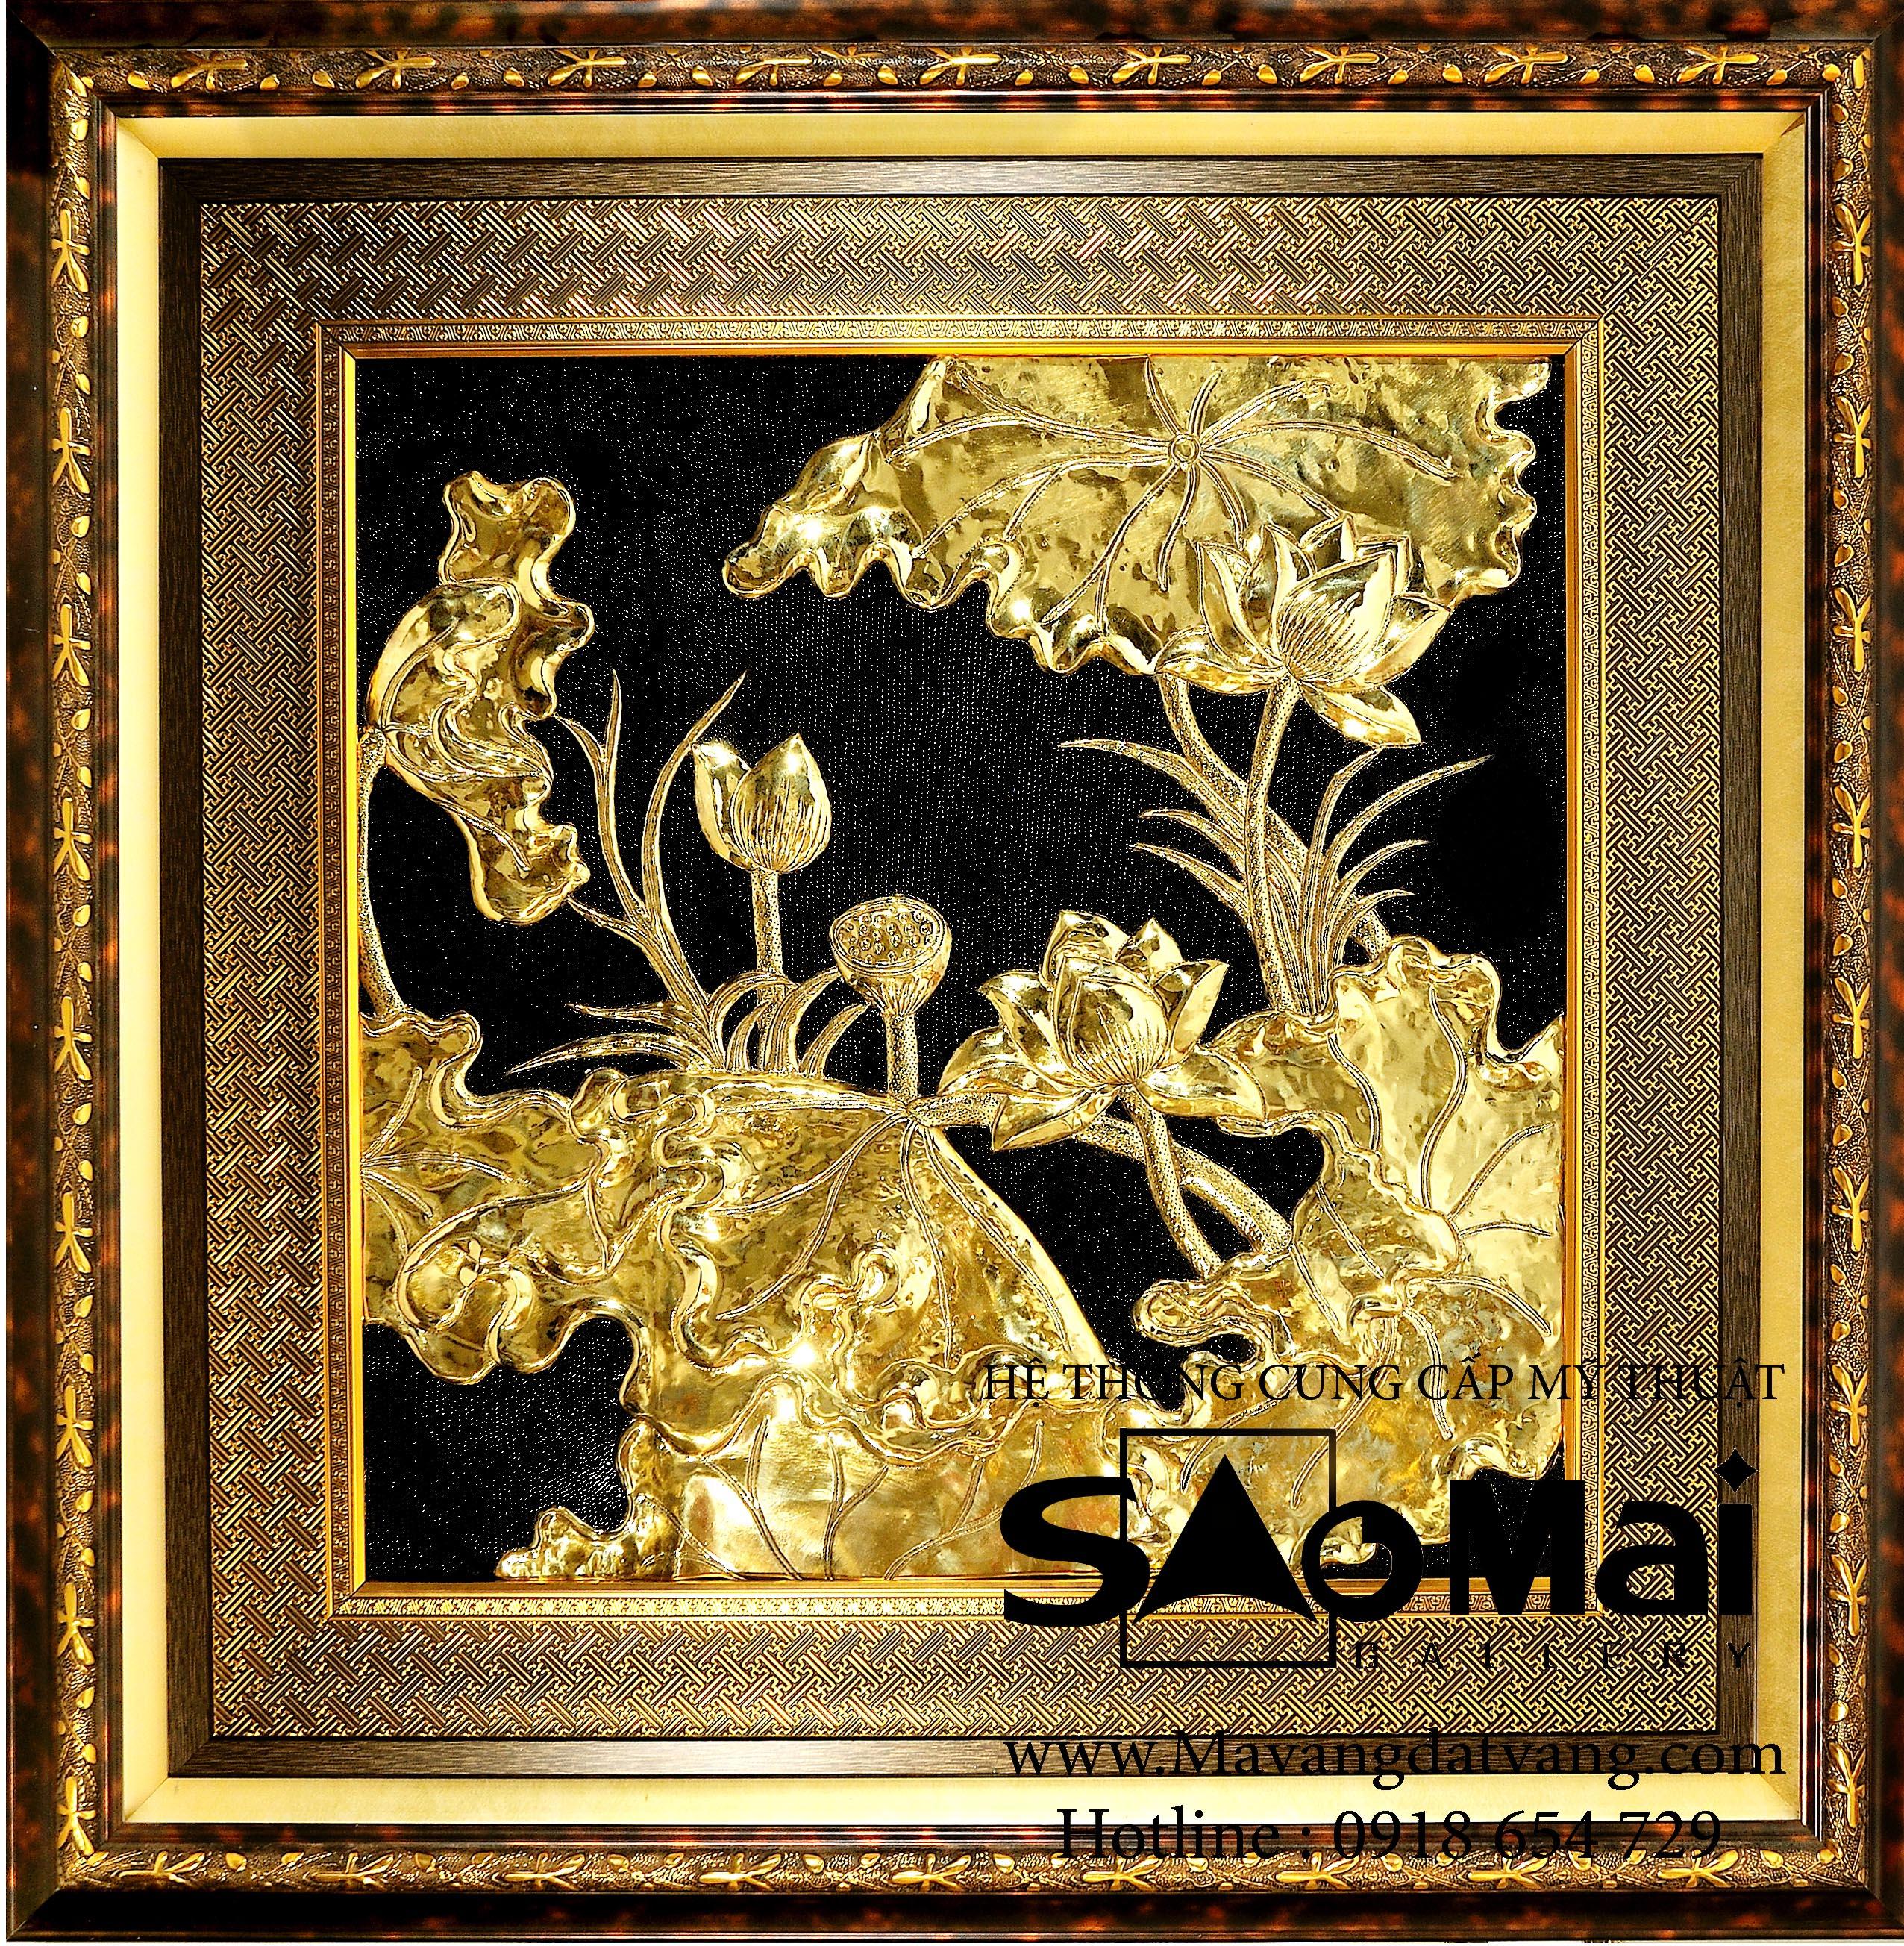 tranh chạm đồng mạ vàng